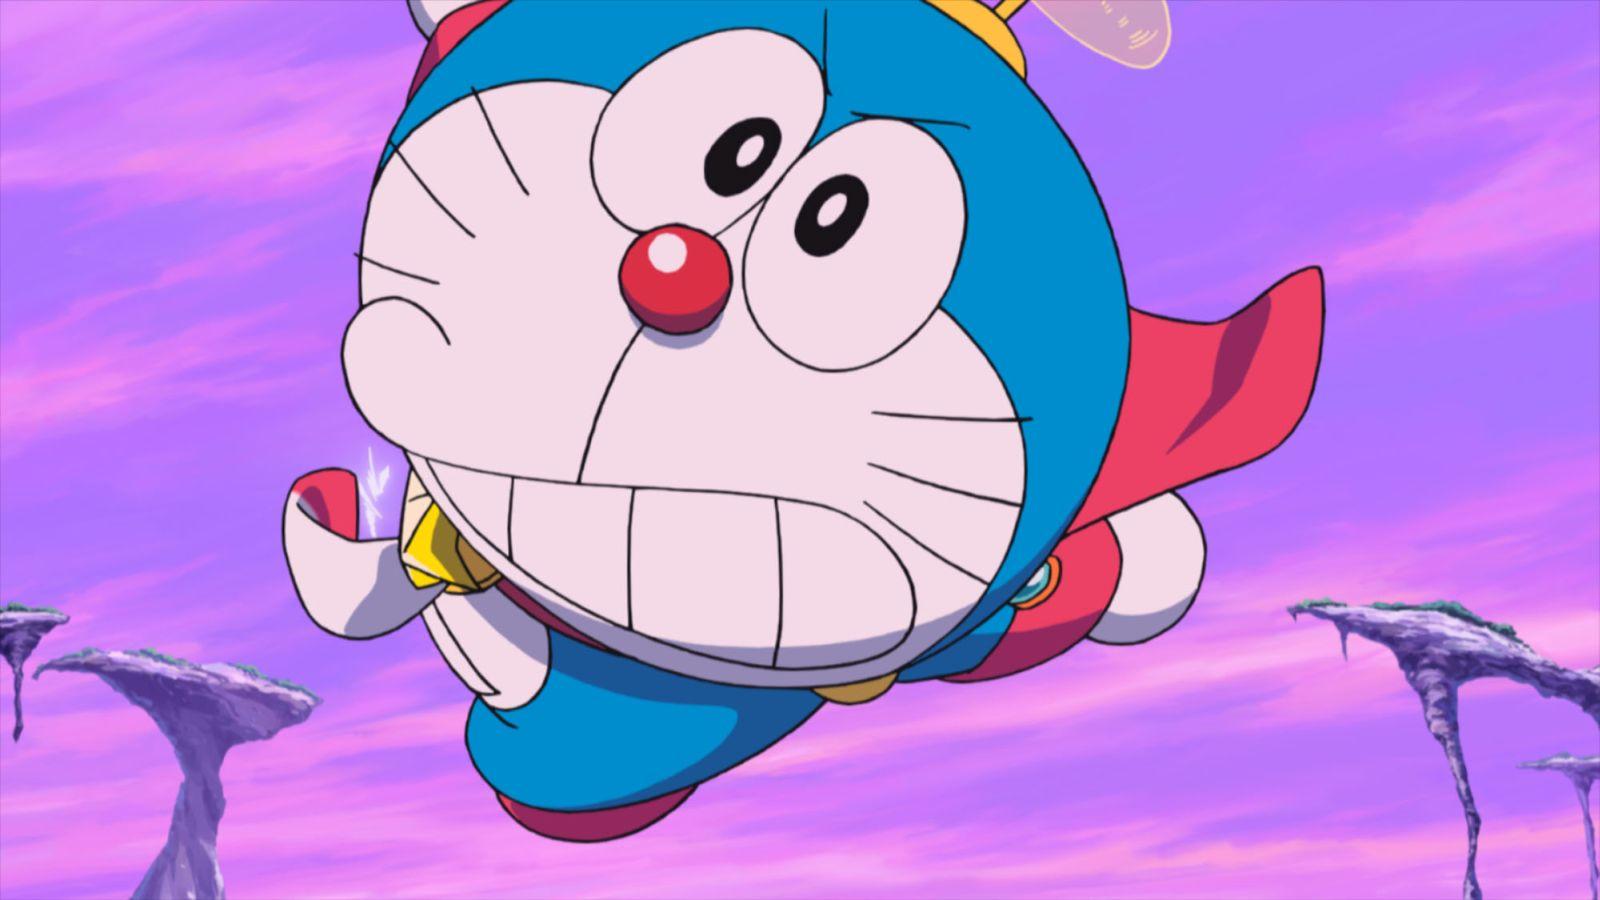 Doraemon il film: Nobita e gli eroi dello spazio, un'immagine del film animato